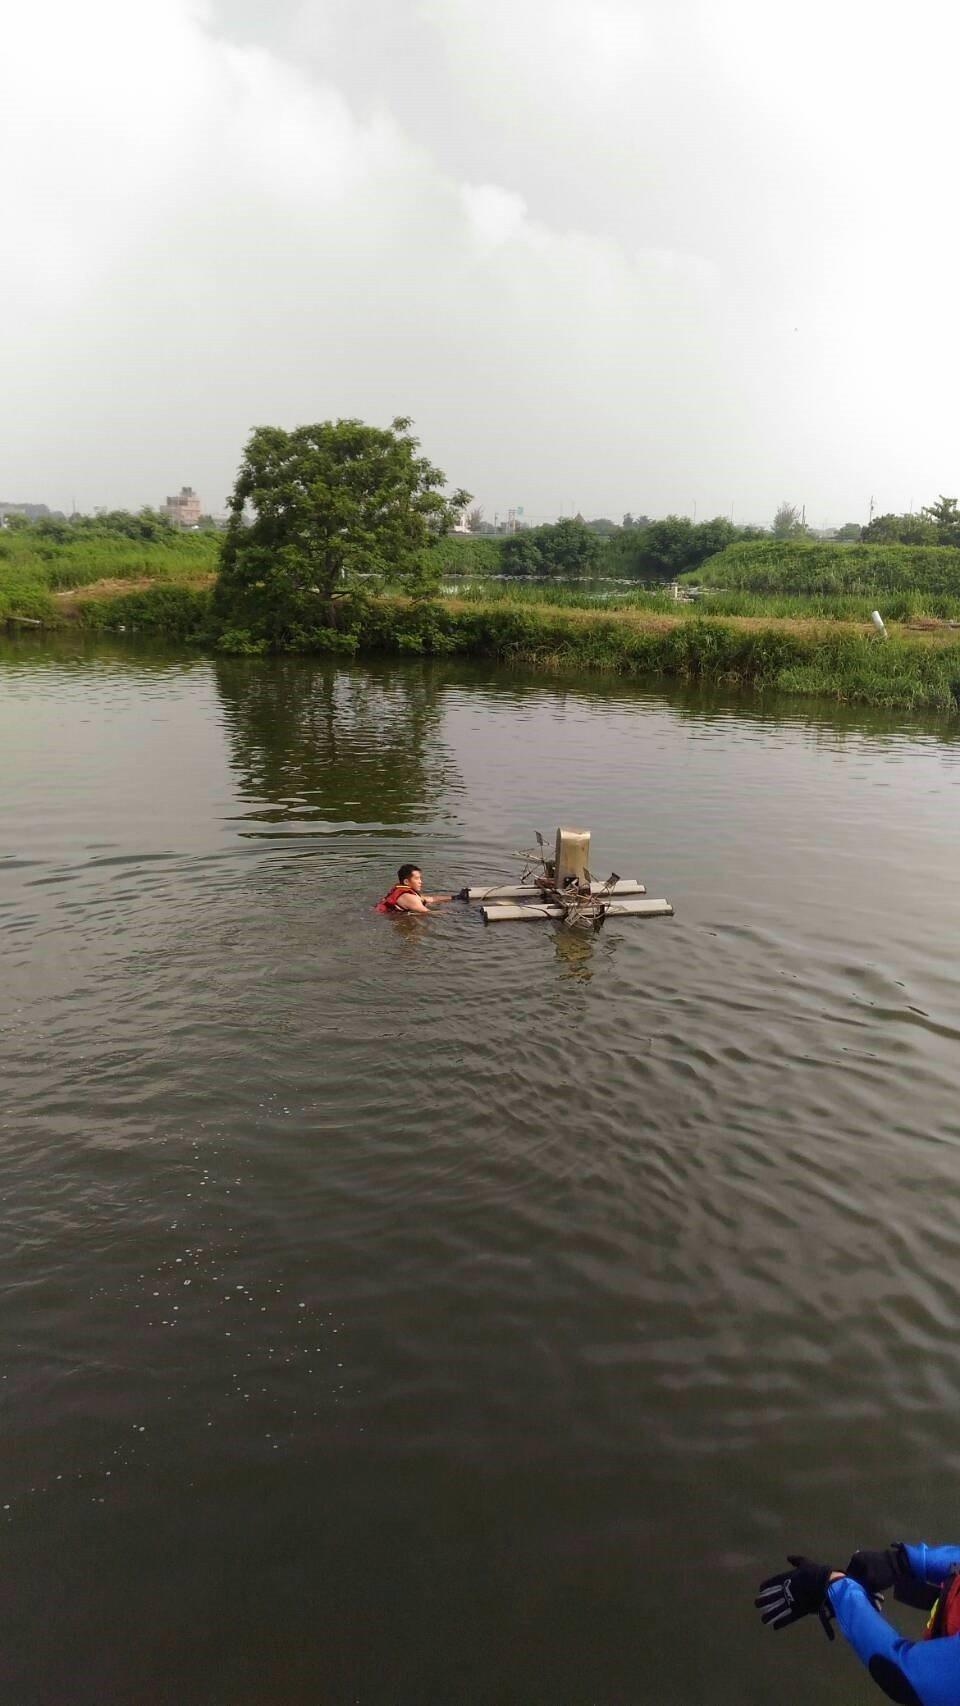 消防員下水將婦人救上岸。記者卜敏正/翻攝